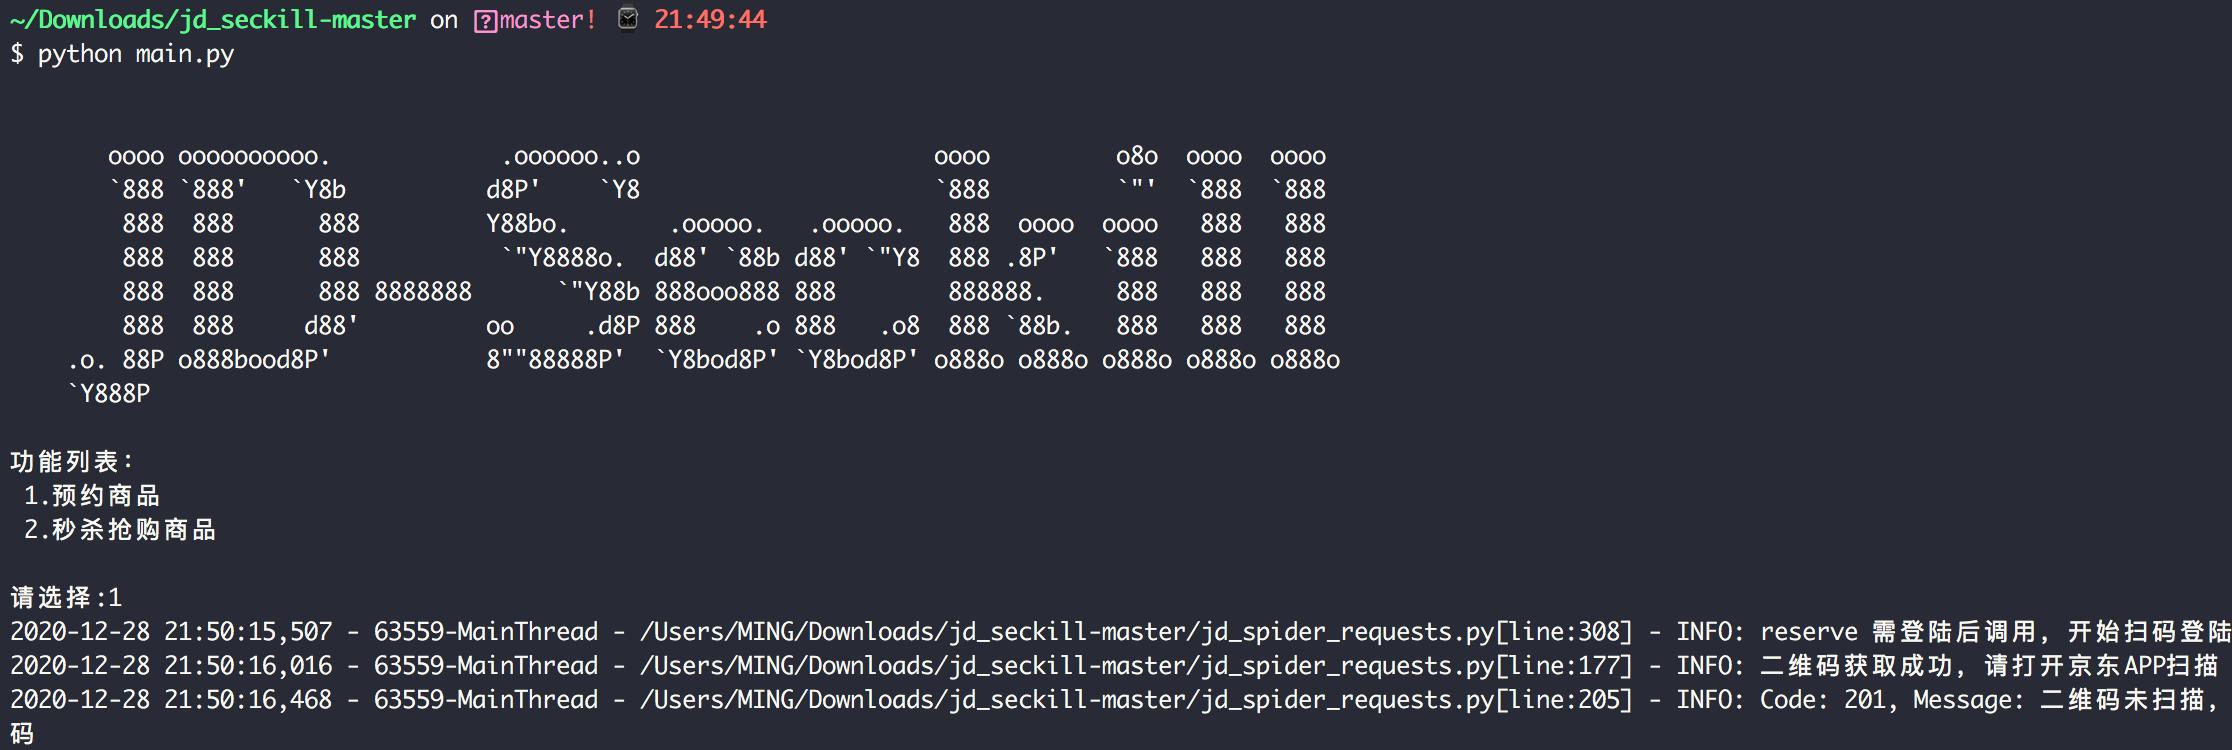 大佬开源 Python 版本「抢茅台脚本」,火了插图(5)